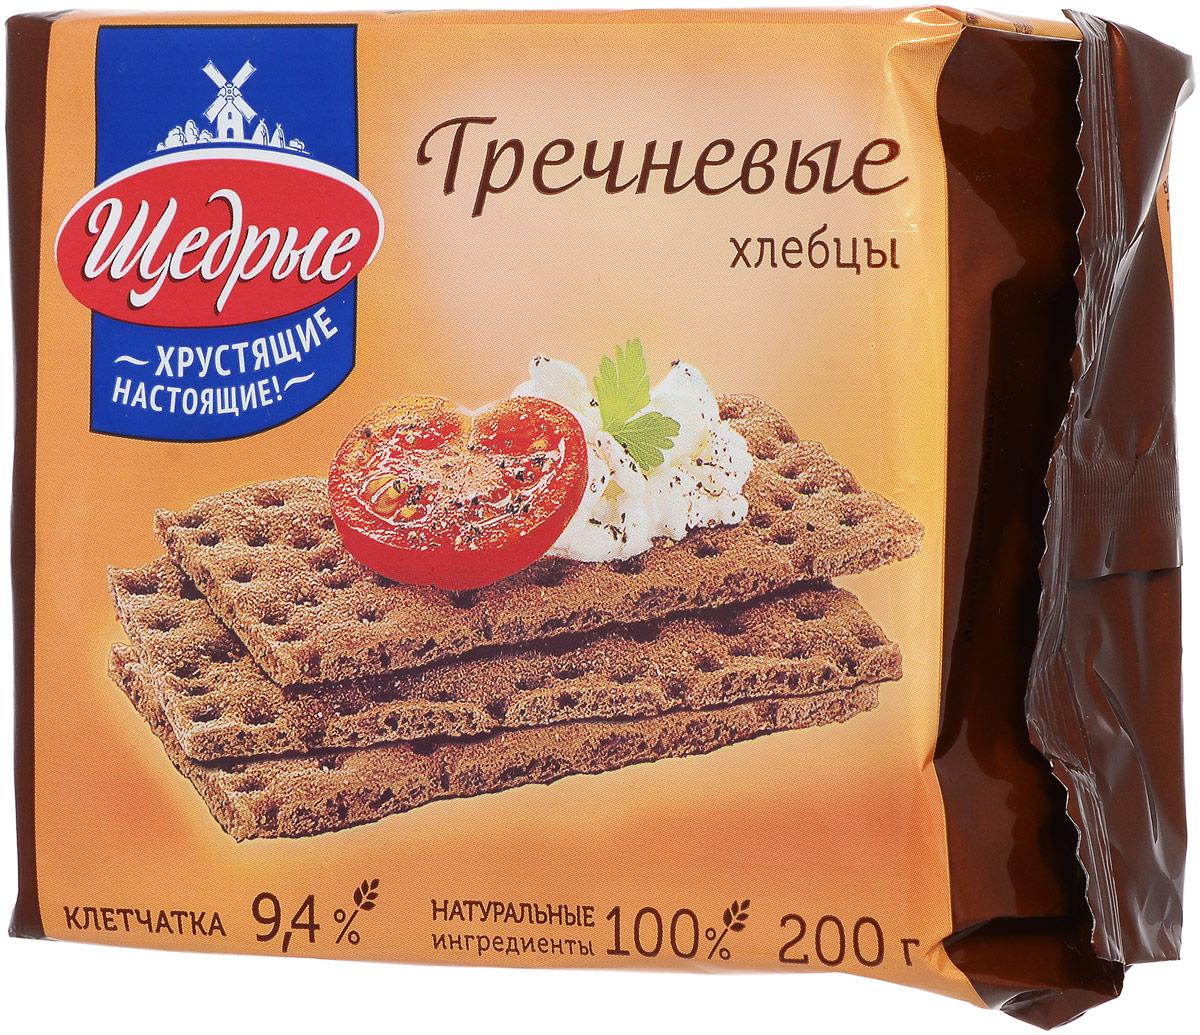 Щедрые хлебцы гречневые, 200 г